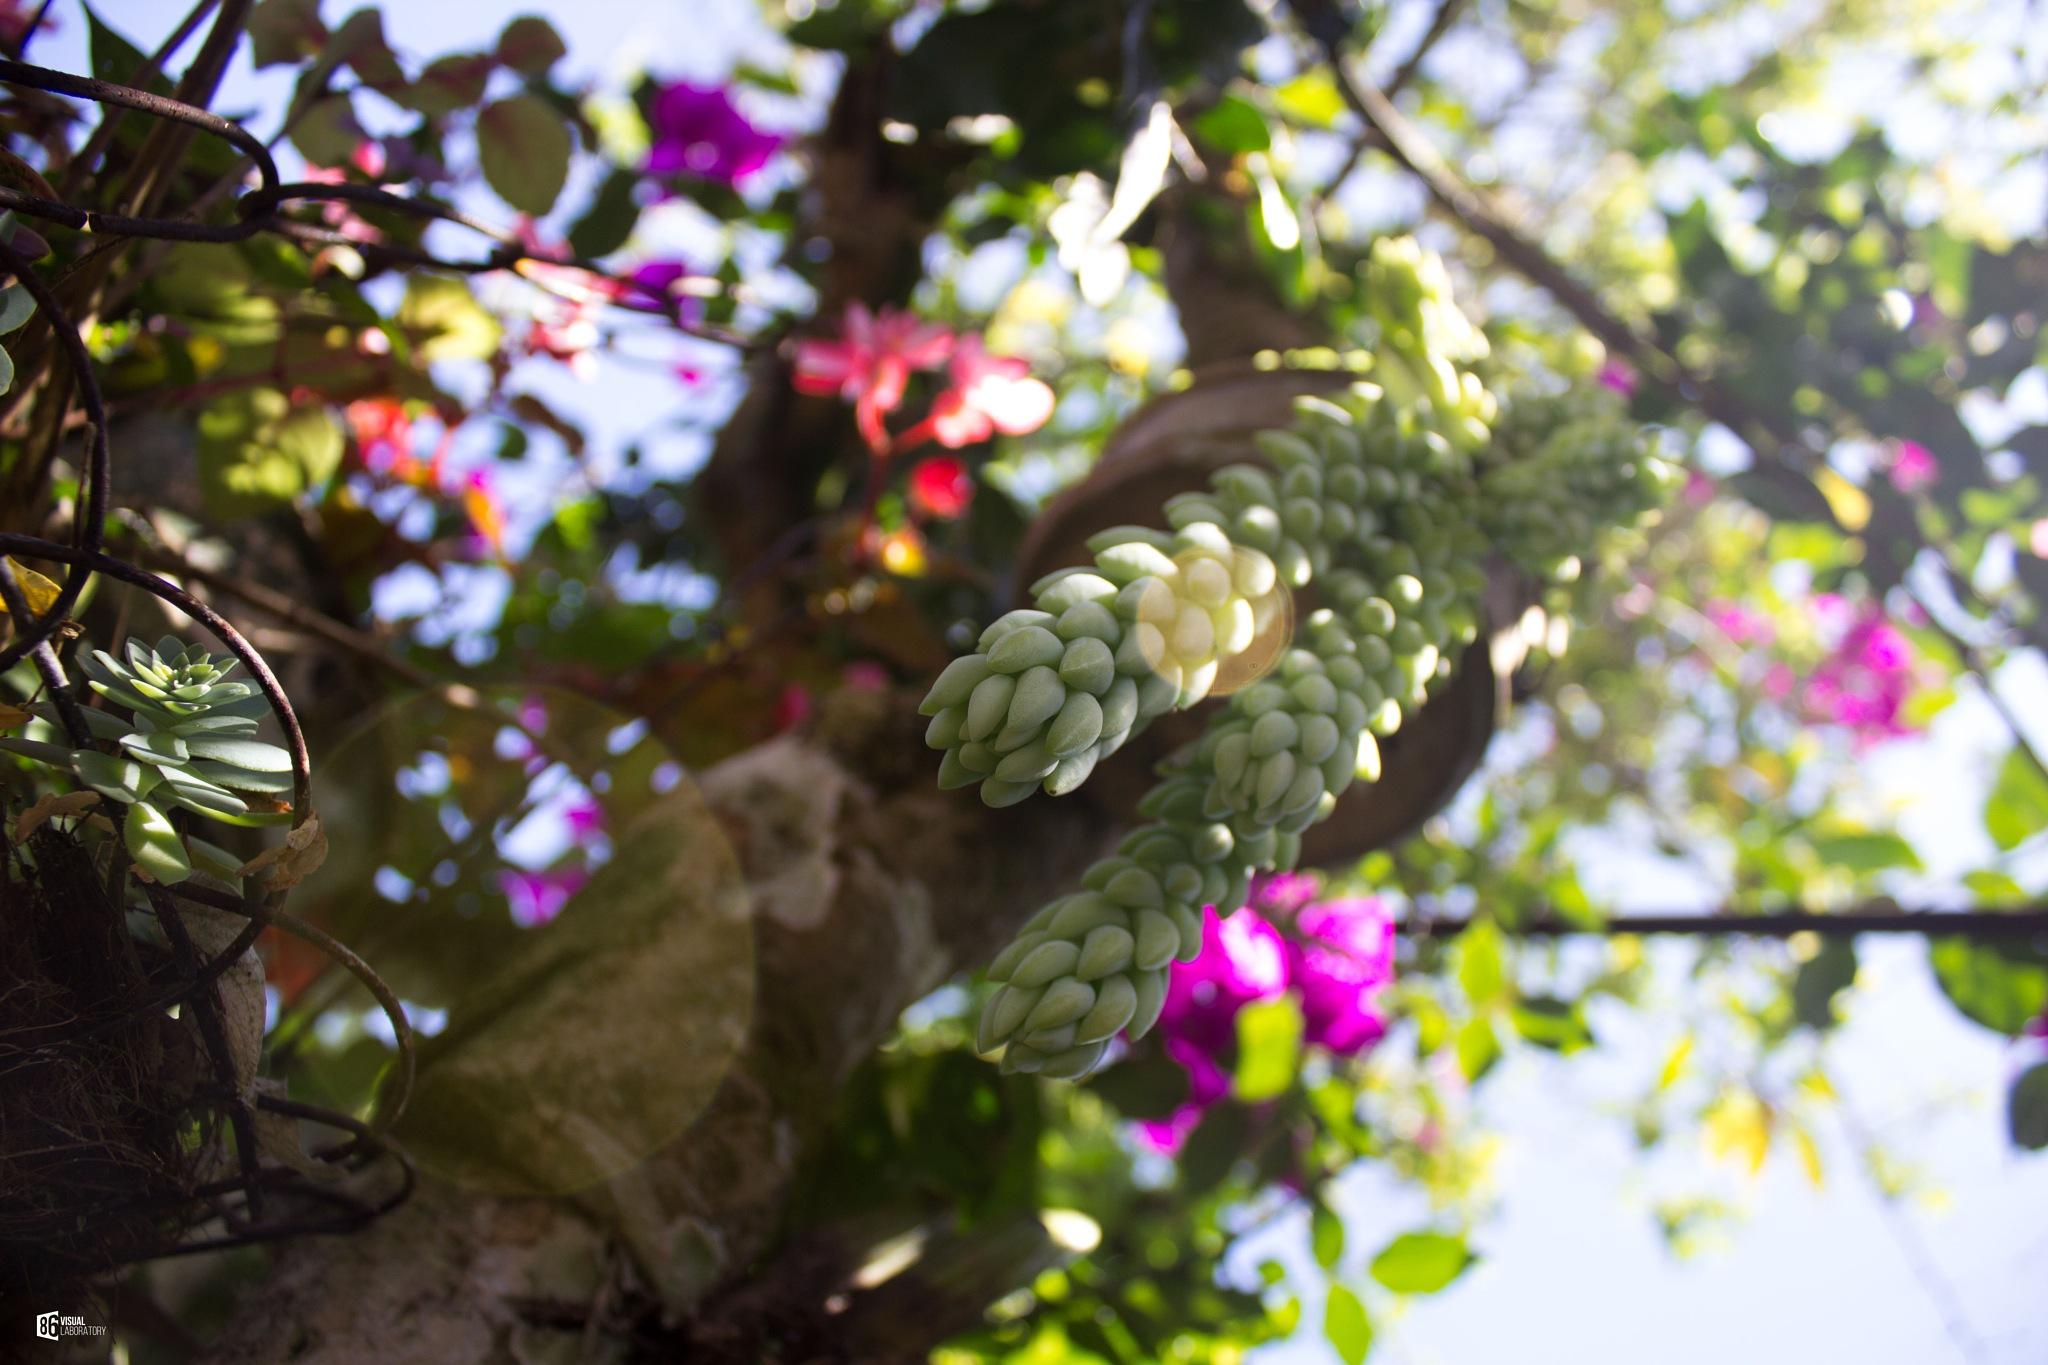 Natural  by 86visuallaboratory